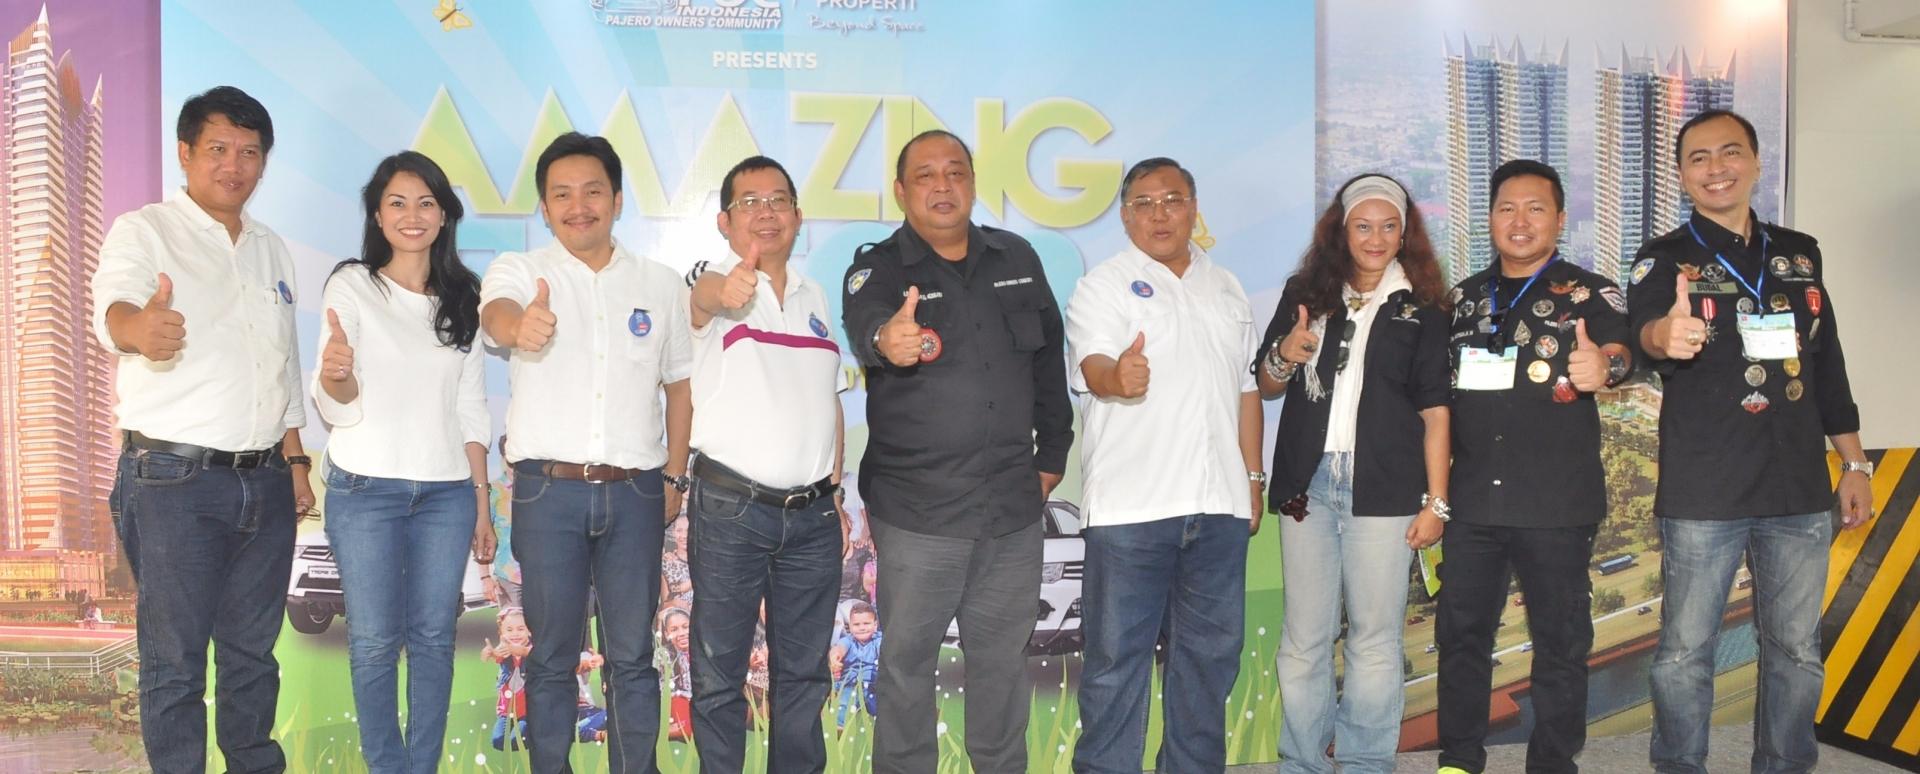 2.Jajaran management PP Properti dan Pengurus POC IndonesiaJPG